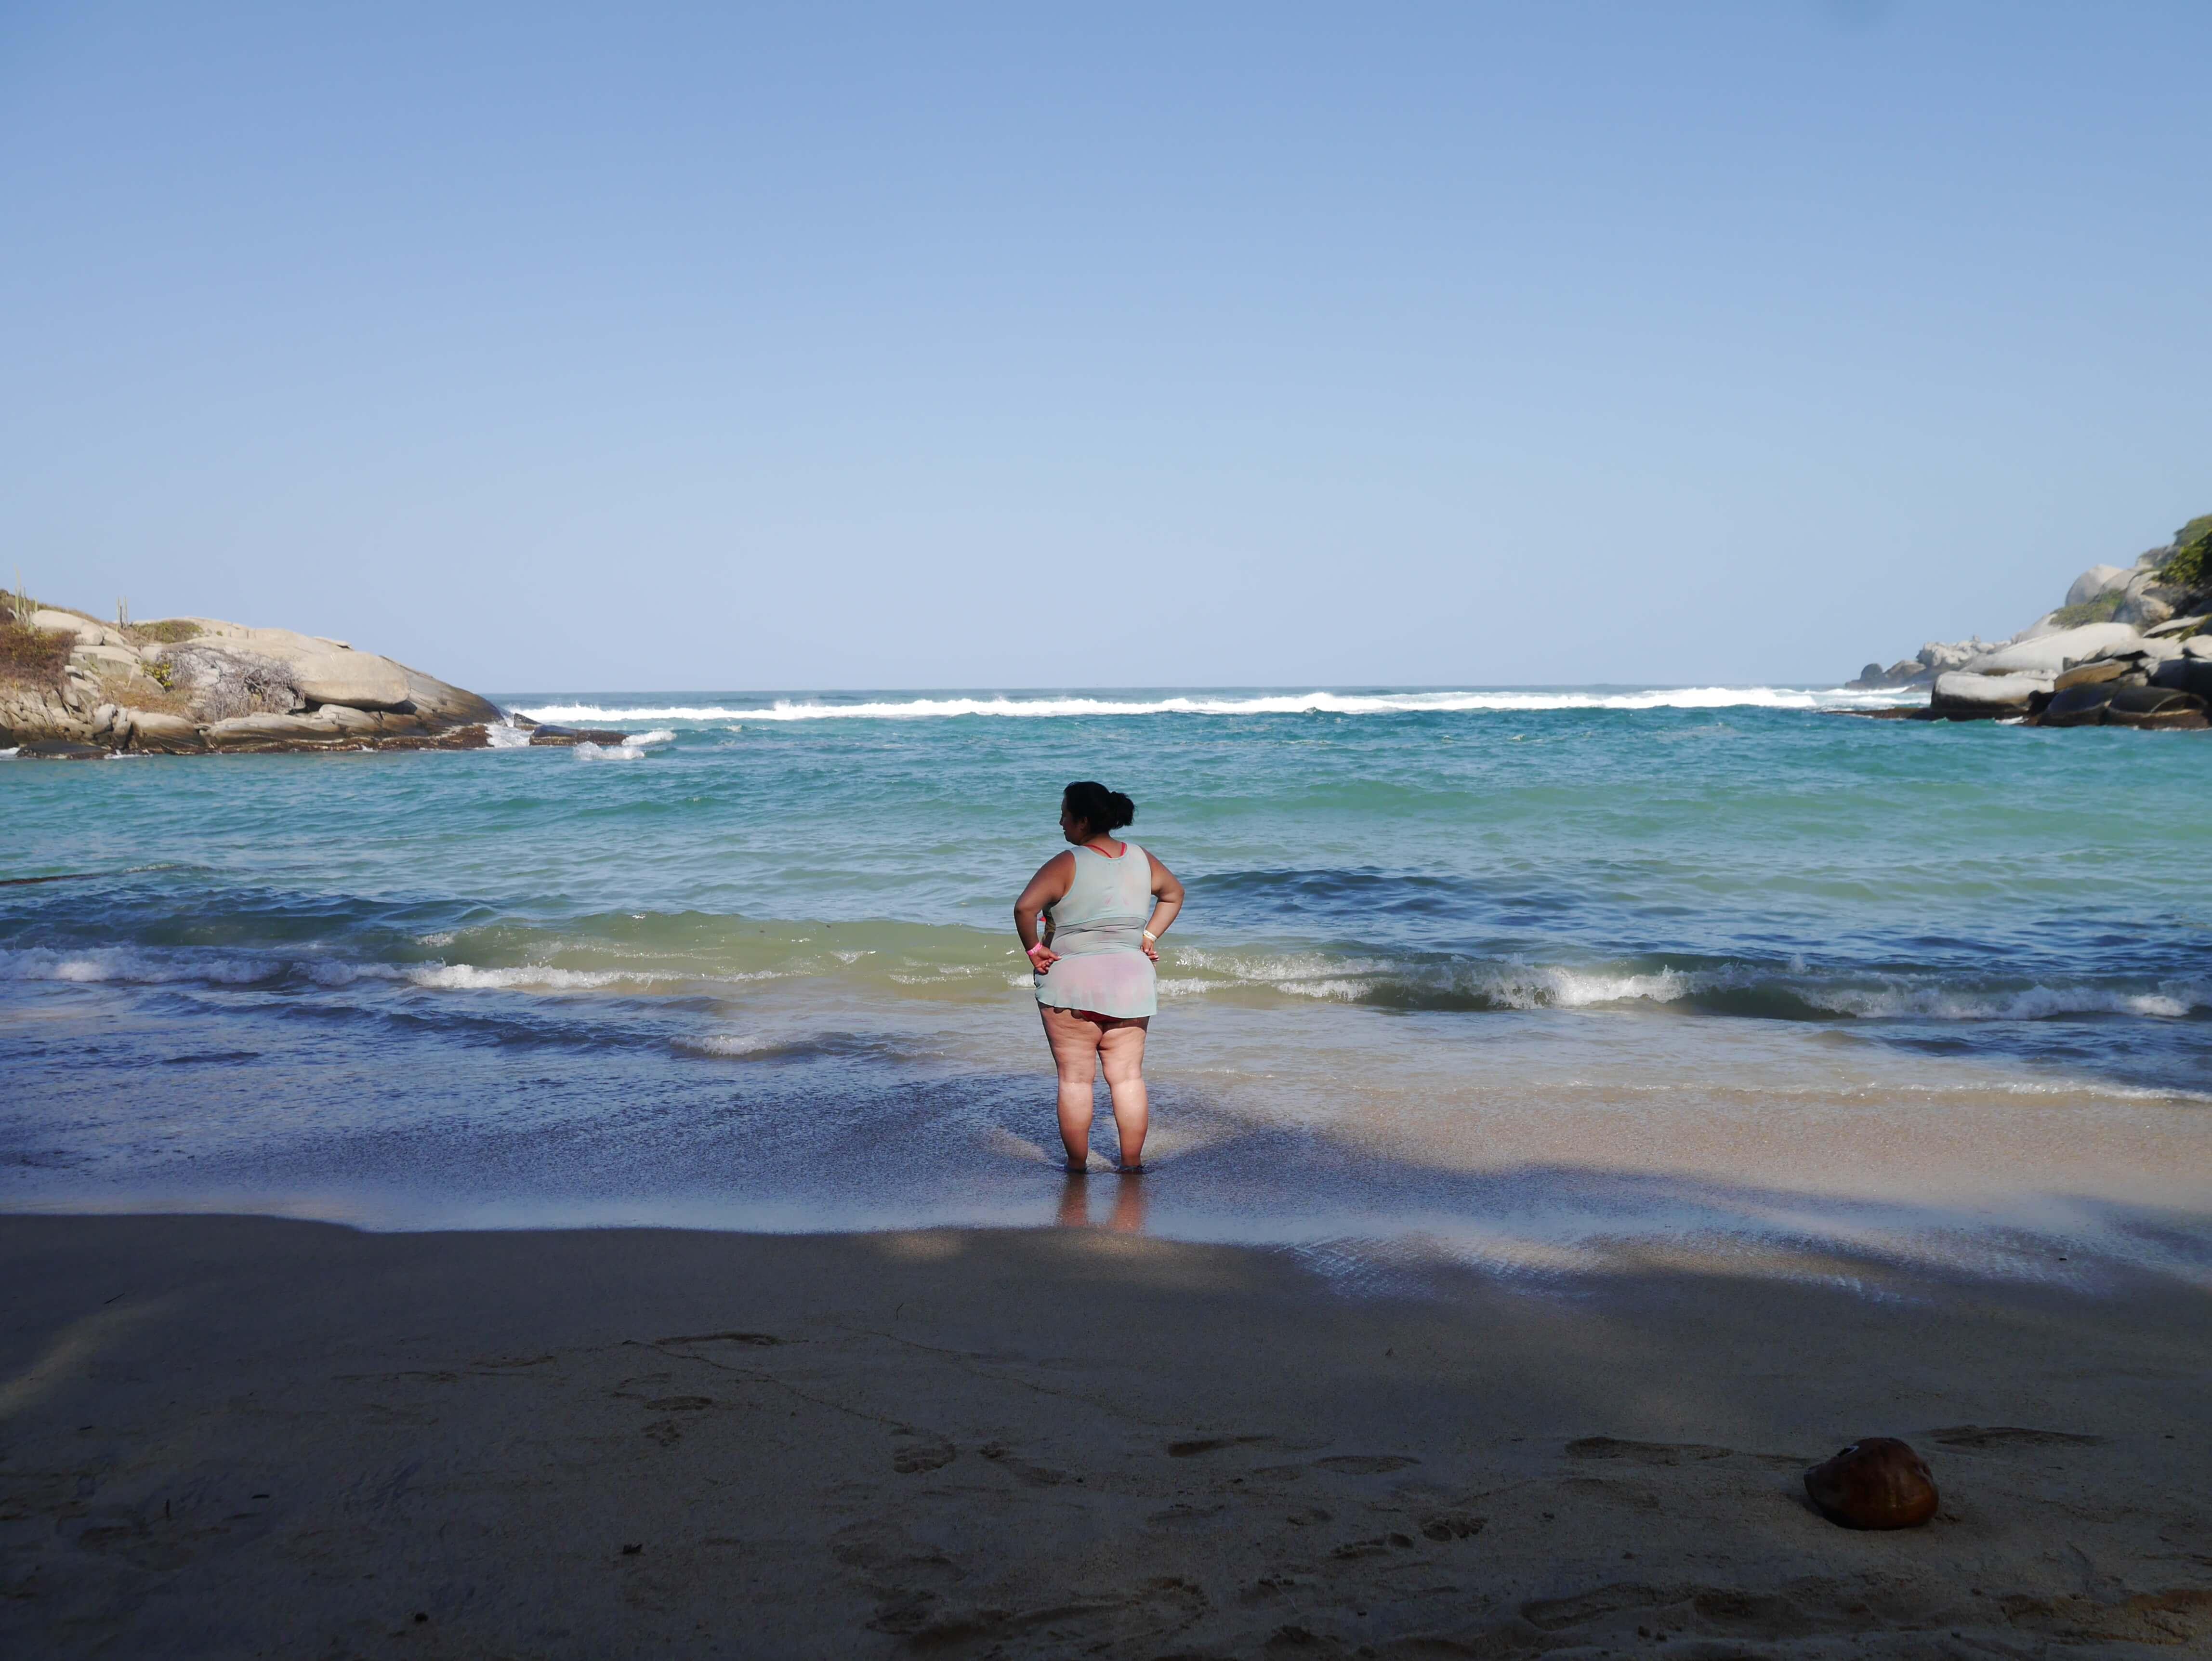 Parque-Tayrona-Colombia-mujer-playa-mar